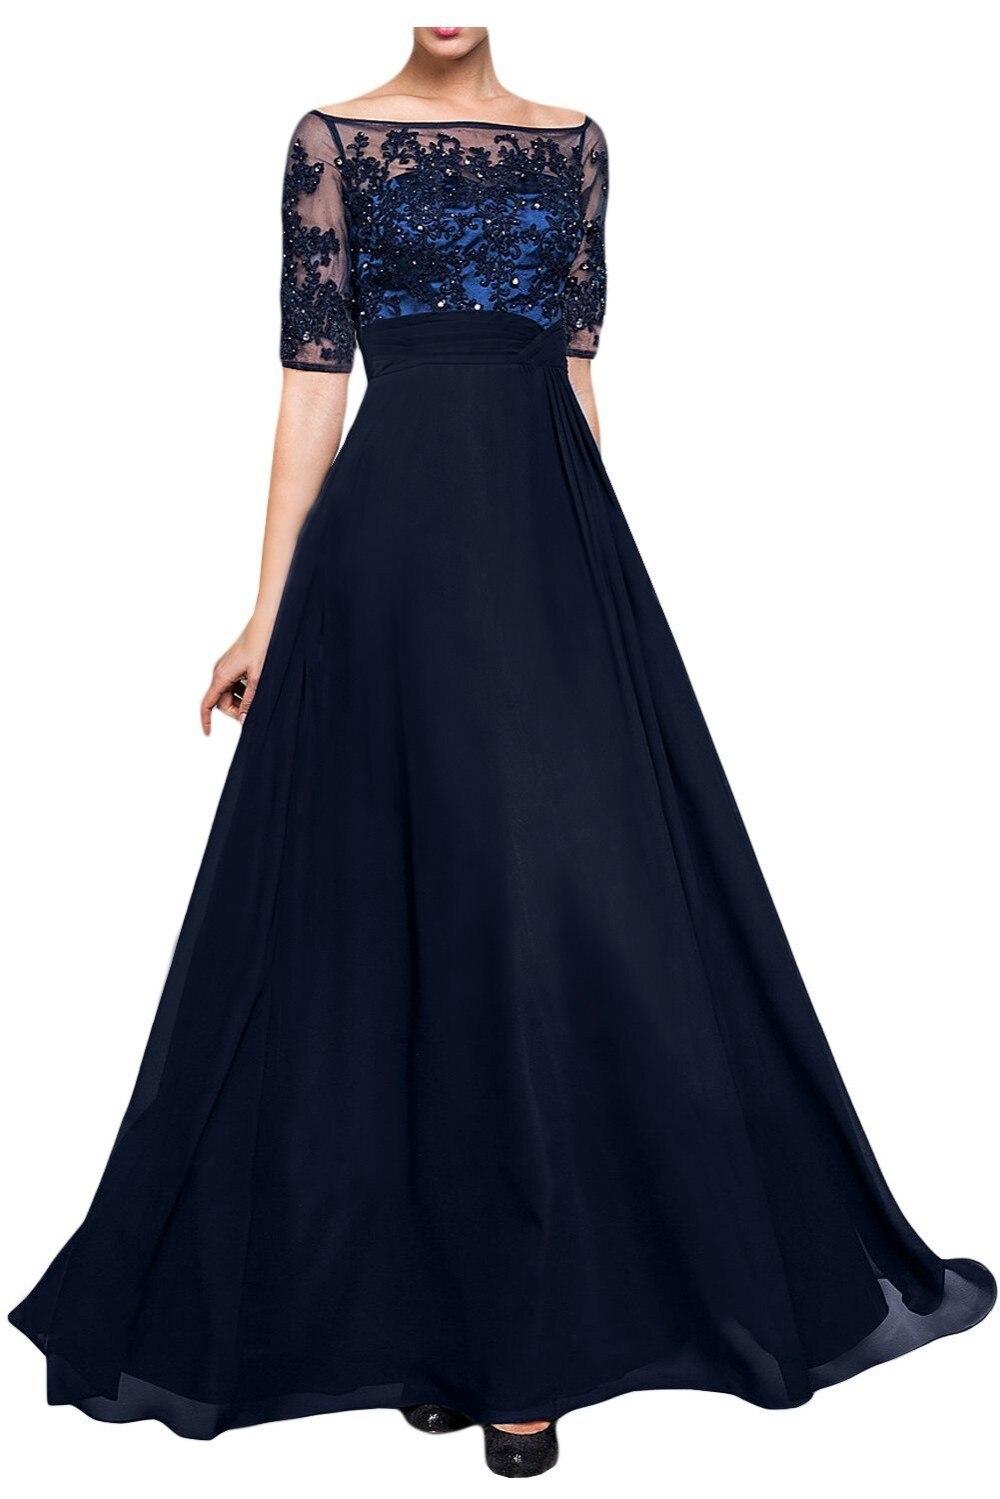 Femmes élégantes robes pour mère de la mariée et le marié demi manches bleu marine longue robe de soirée 2016